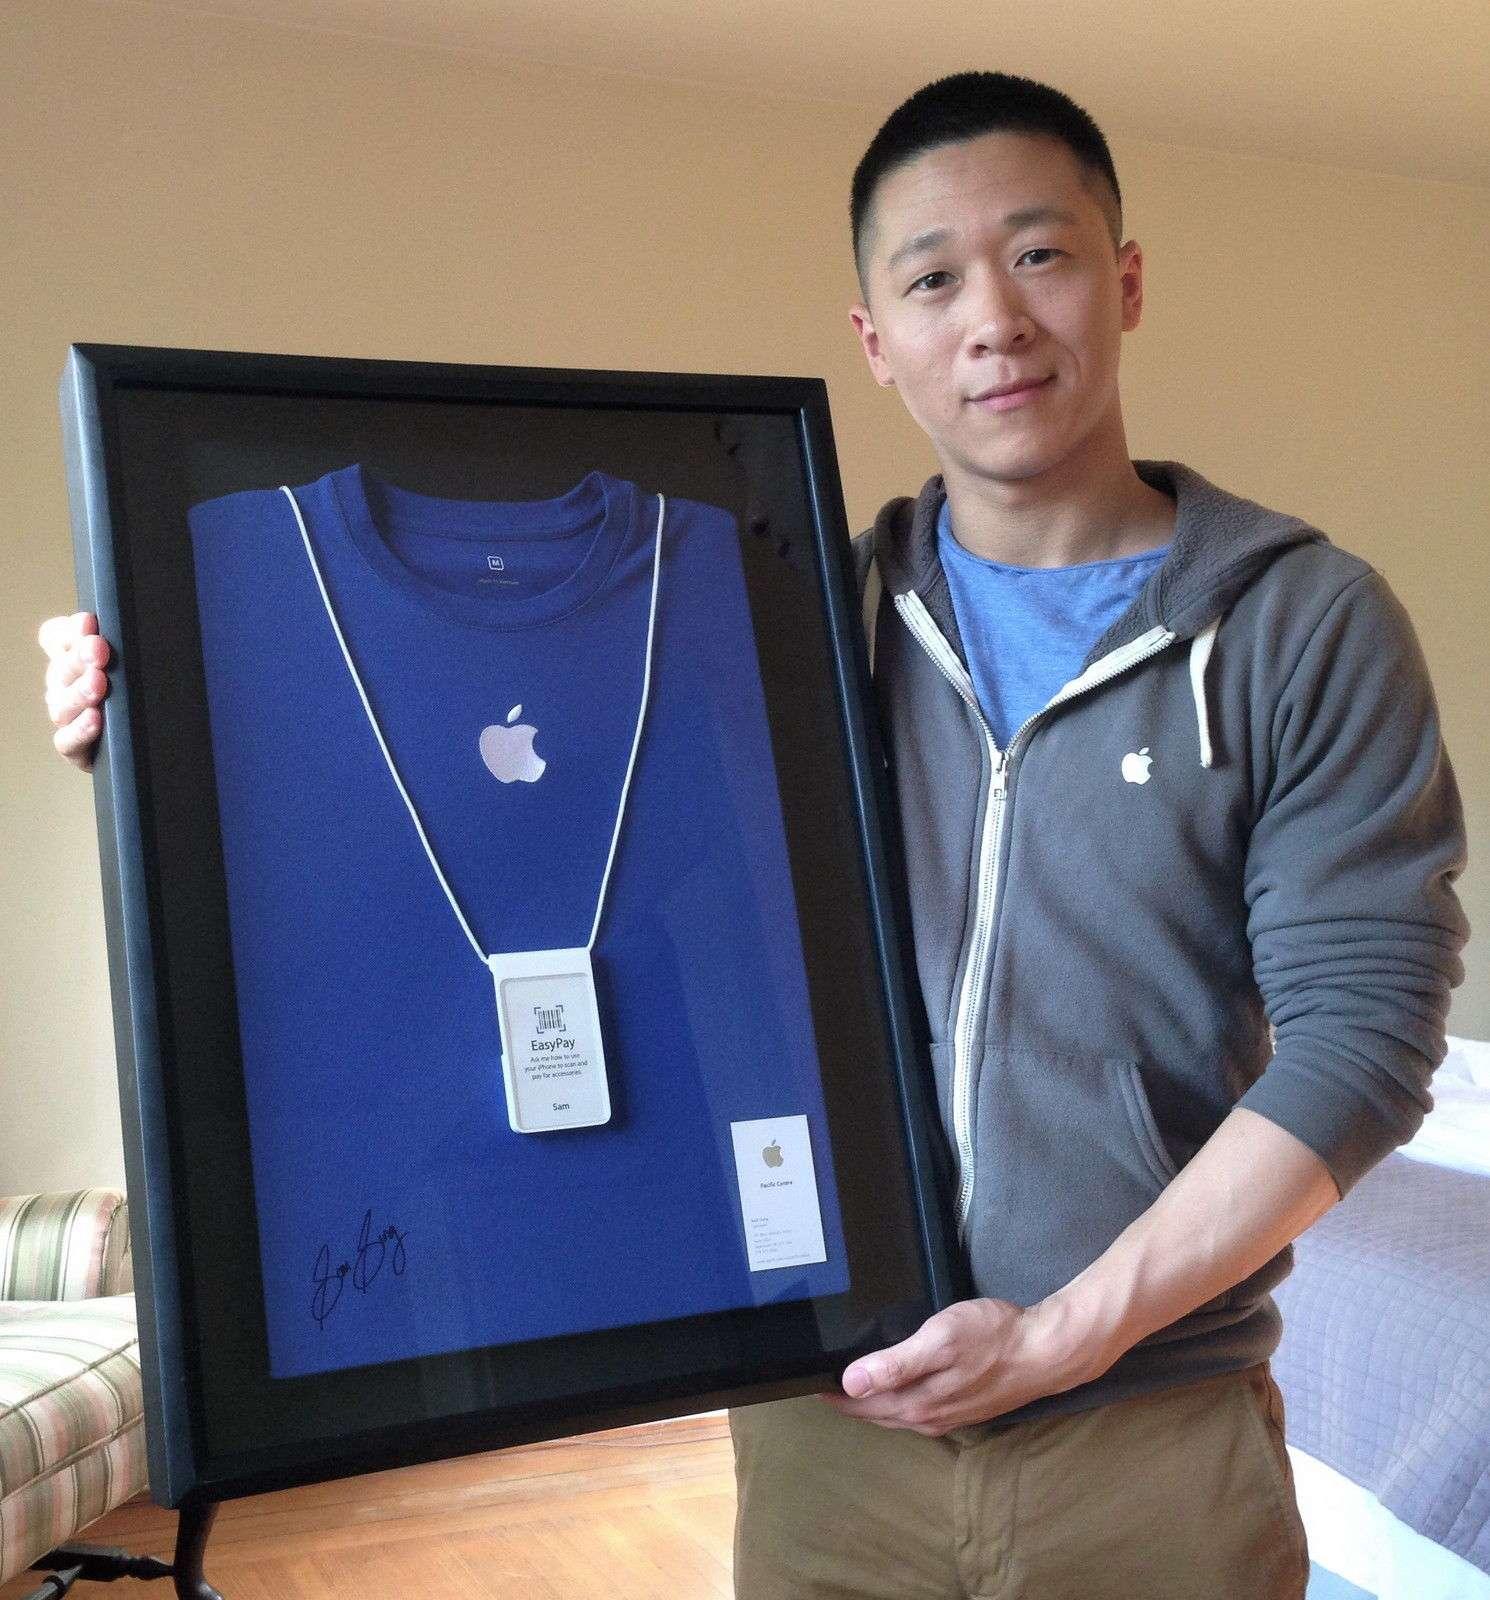 Sam Sung muestra su camiseta, la tarjeta y la credencial de Apple que están a la venta Foto: eBay/Reproducción